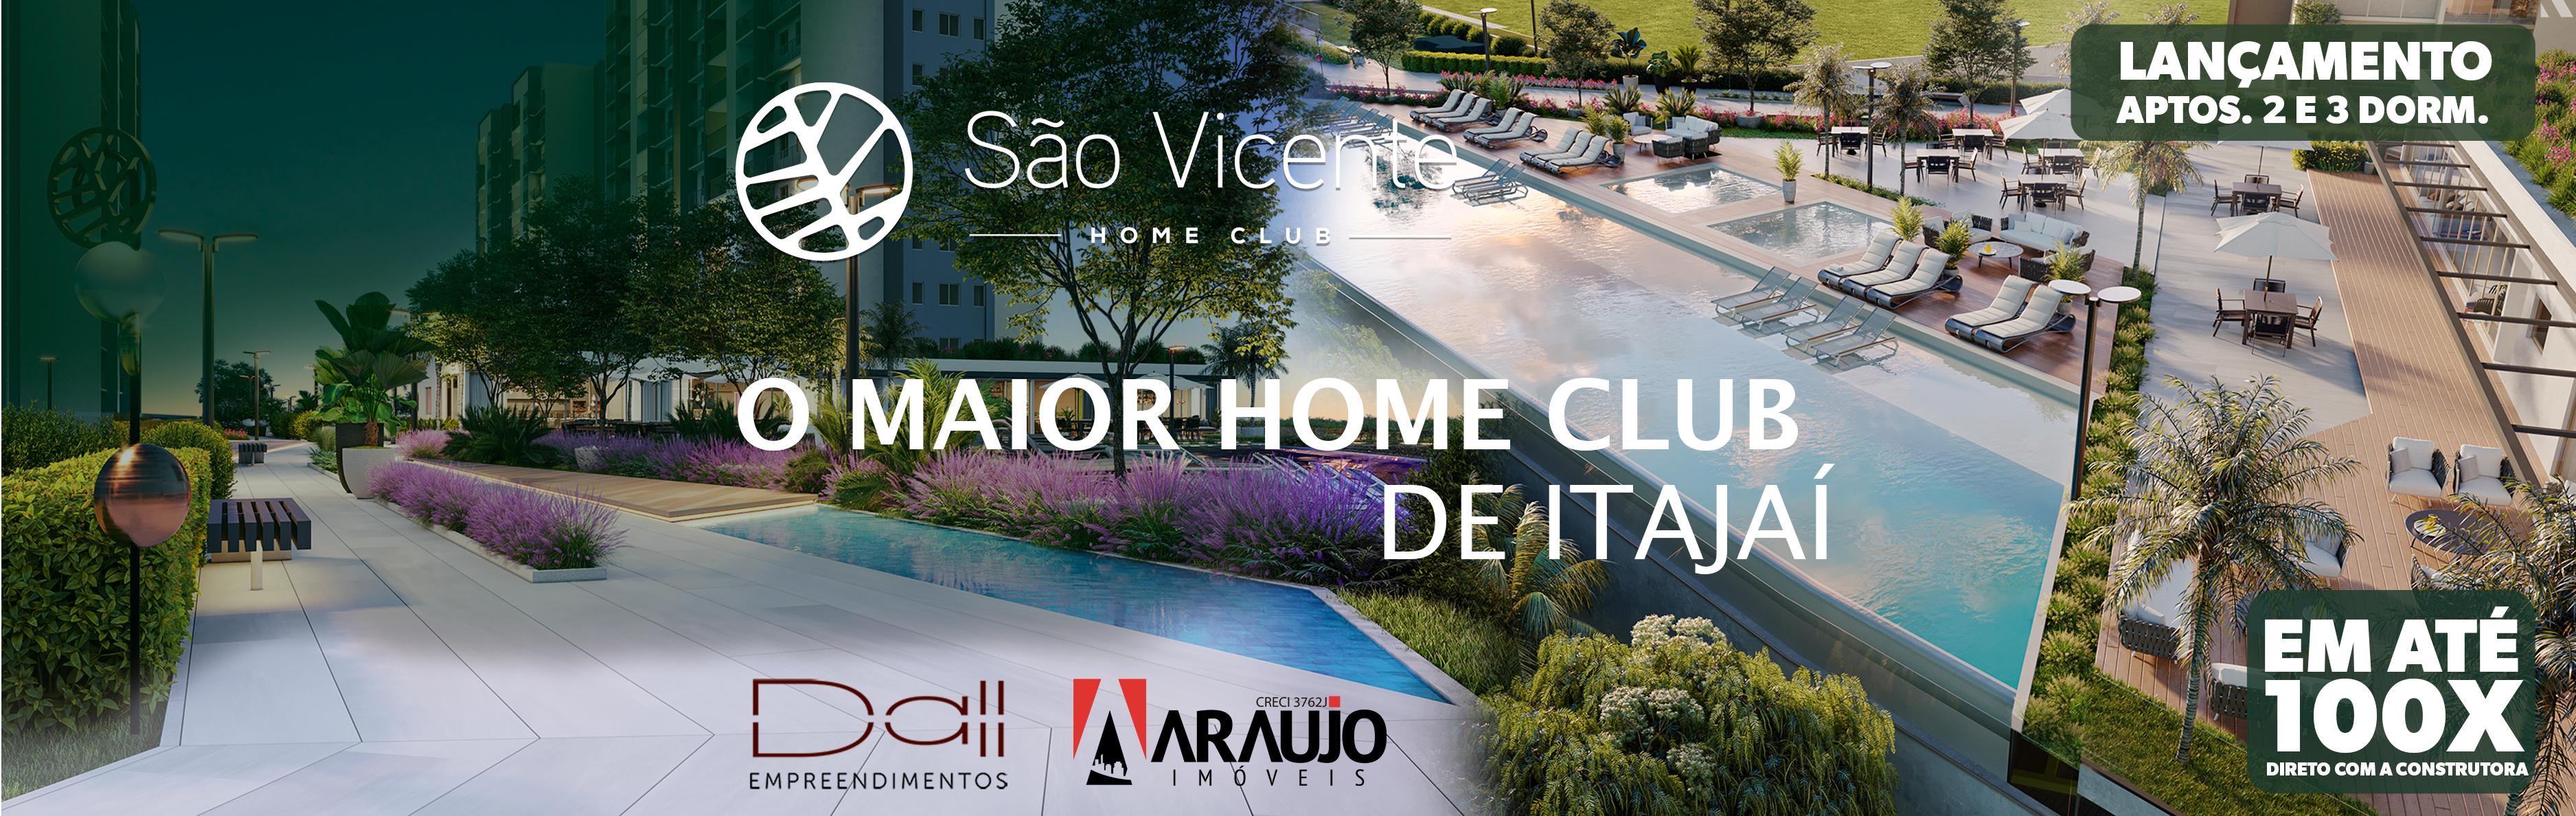 São Vicente Home Club